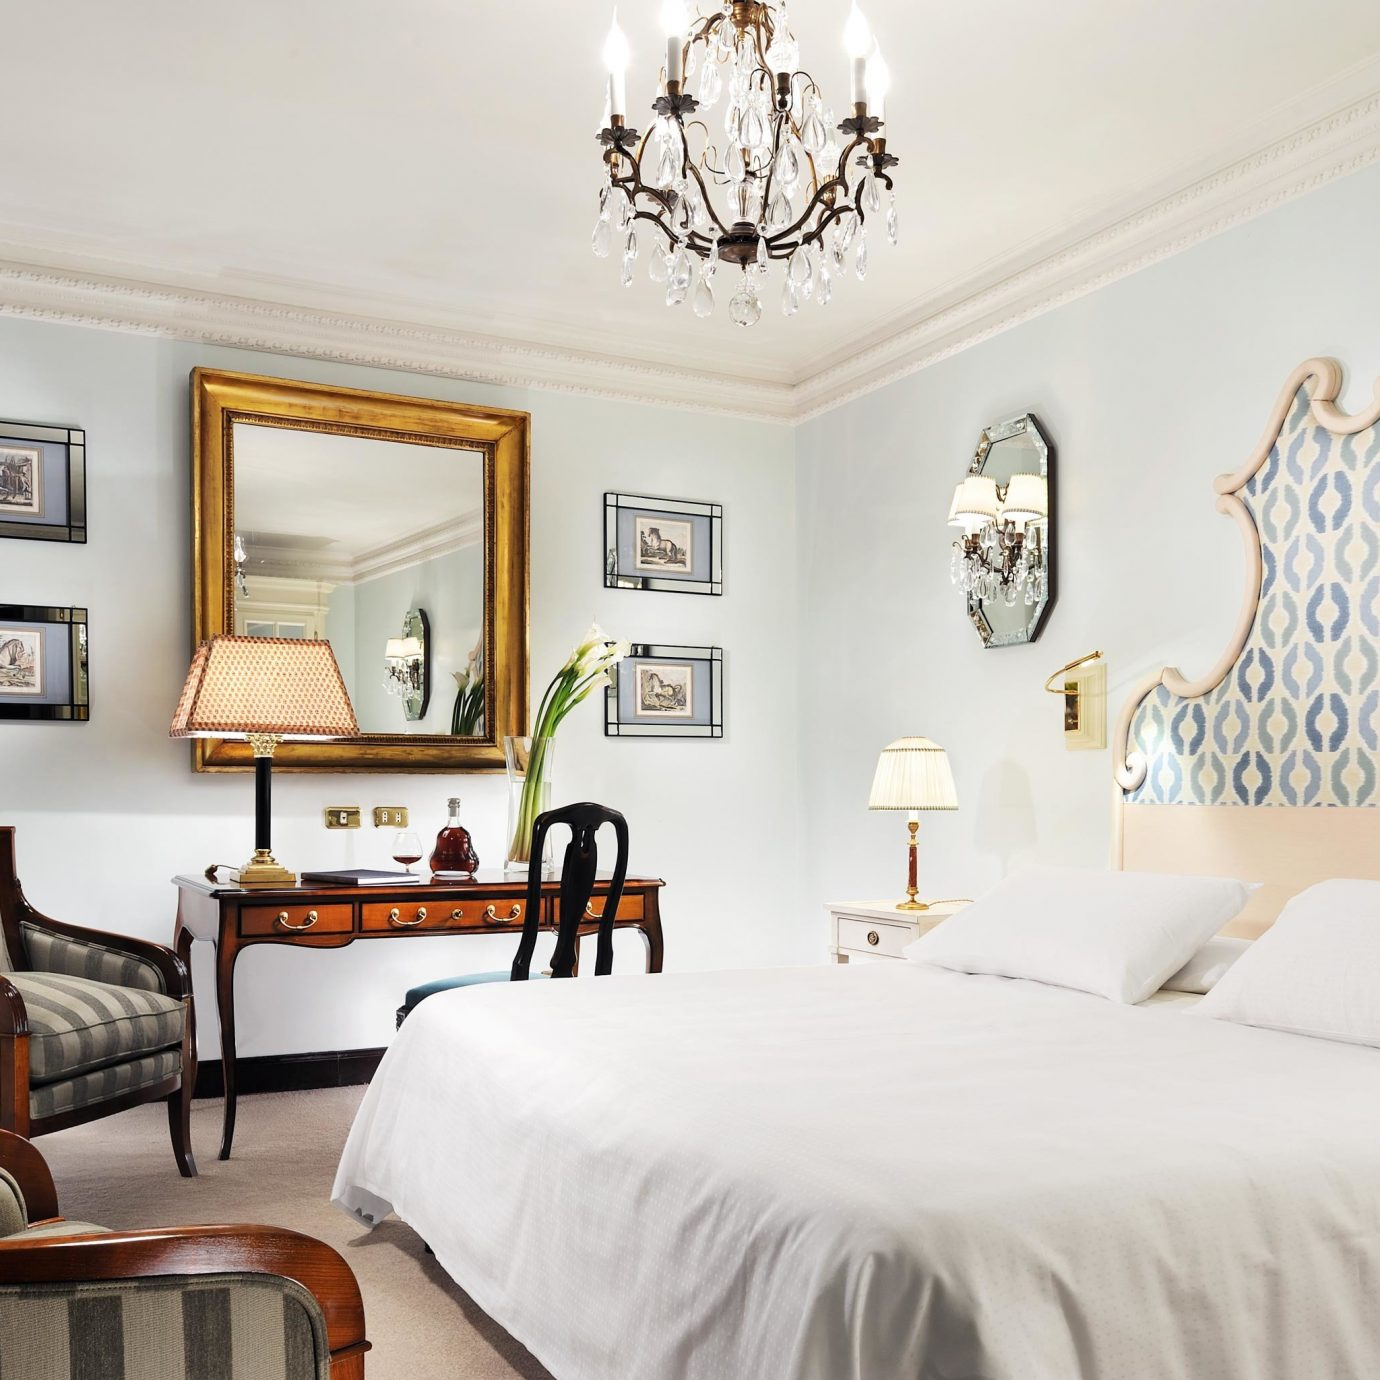 Bedroom Elegant Modern chair property scene living room home cottage Suite